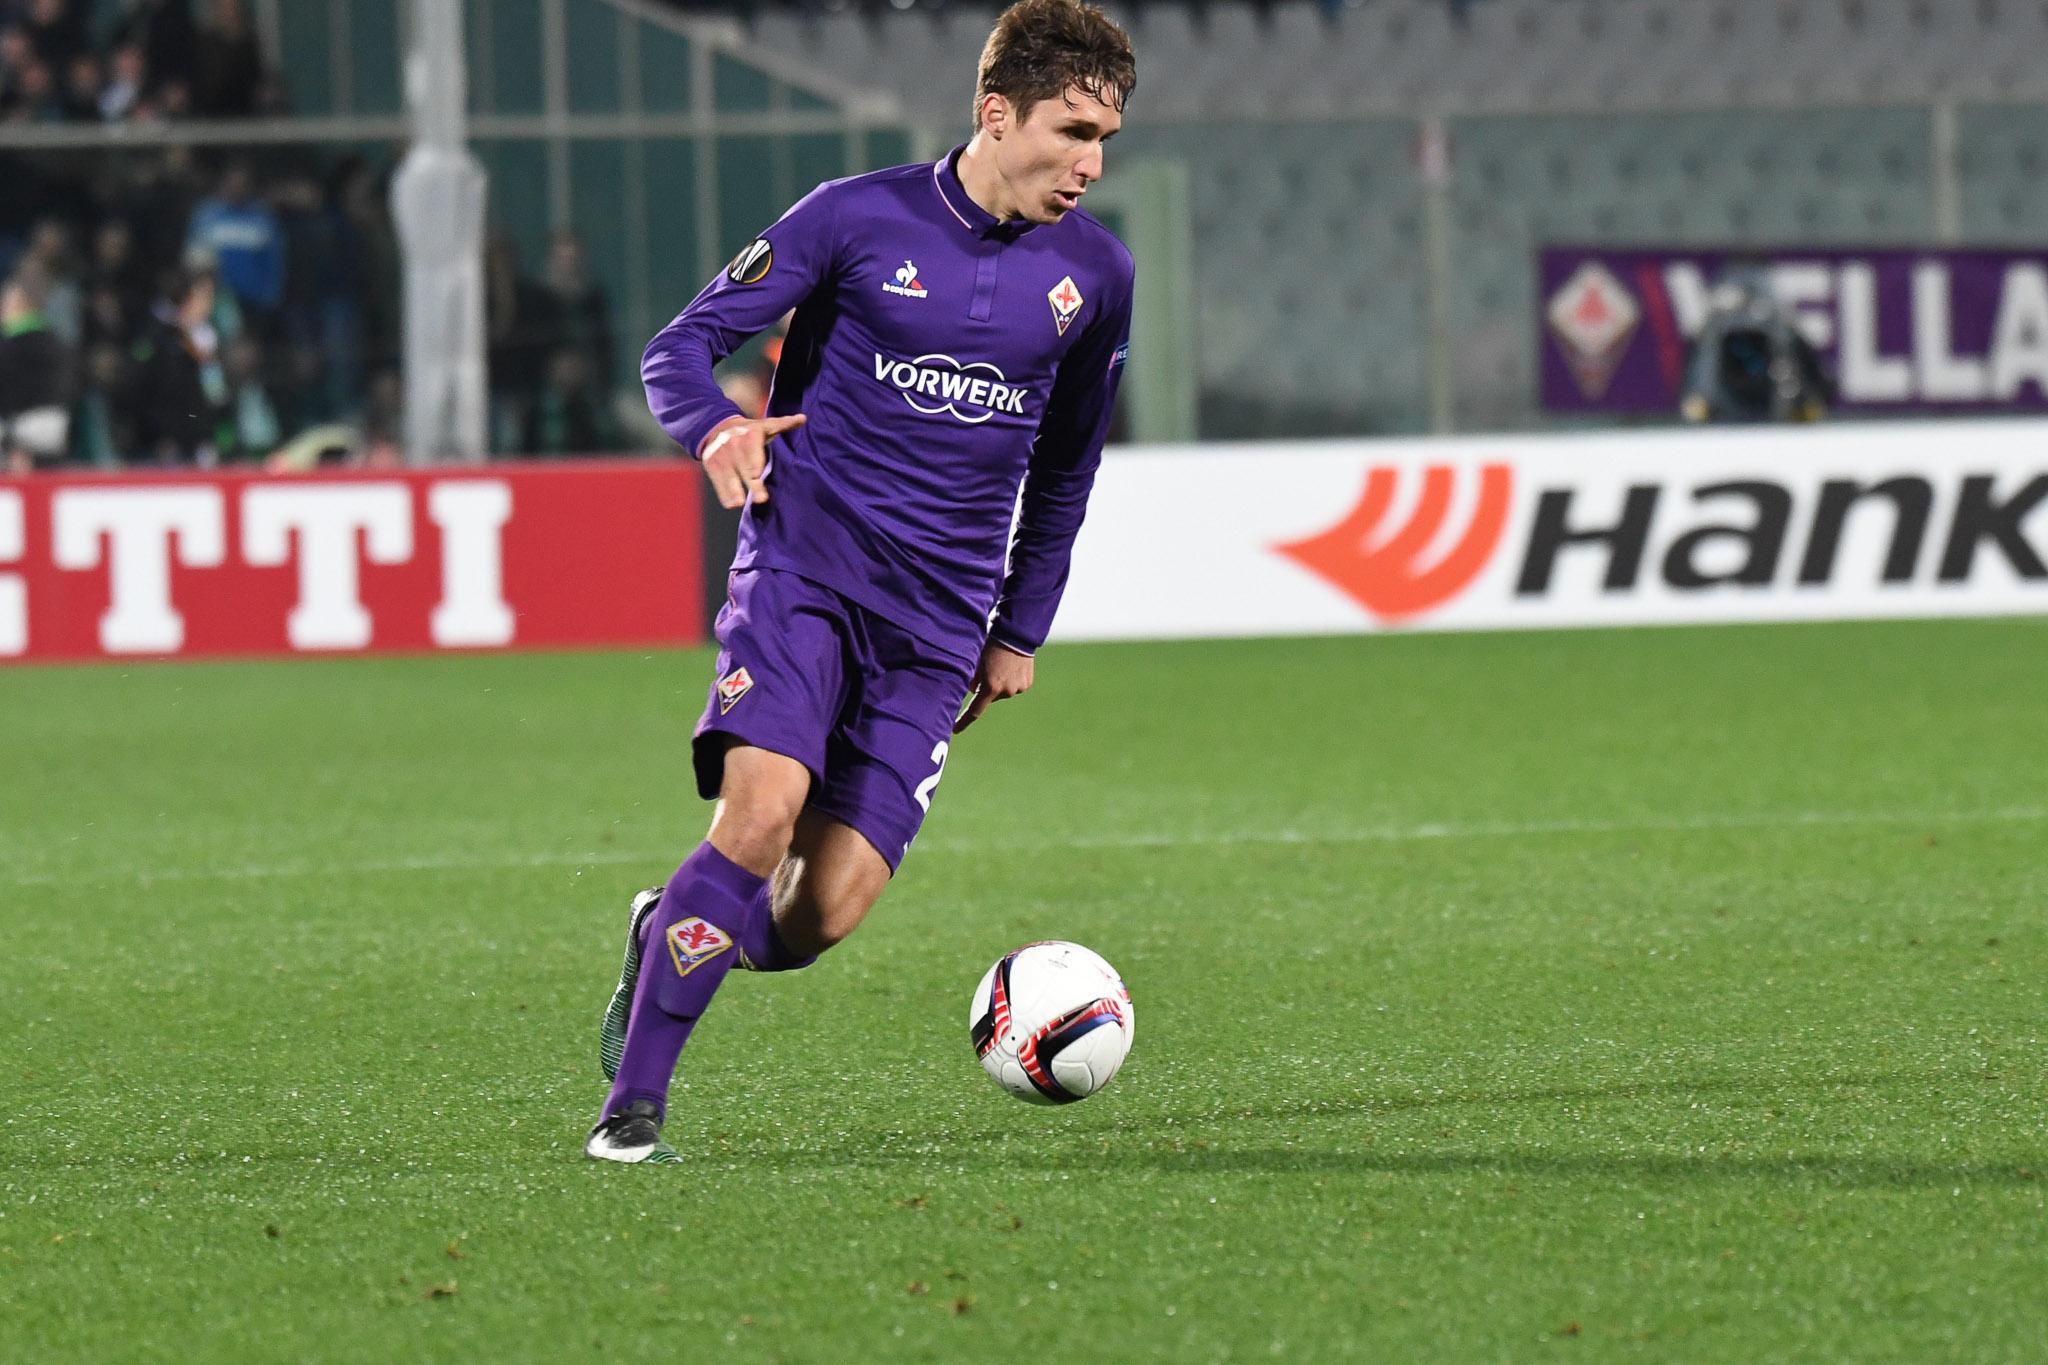 Fiorentina-Bologna 0-0 al 45′. Chiesa sfiora il vantaggio, gara bloccata in fase offensiva